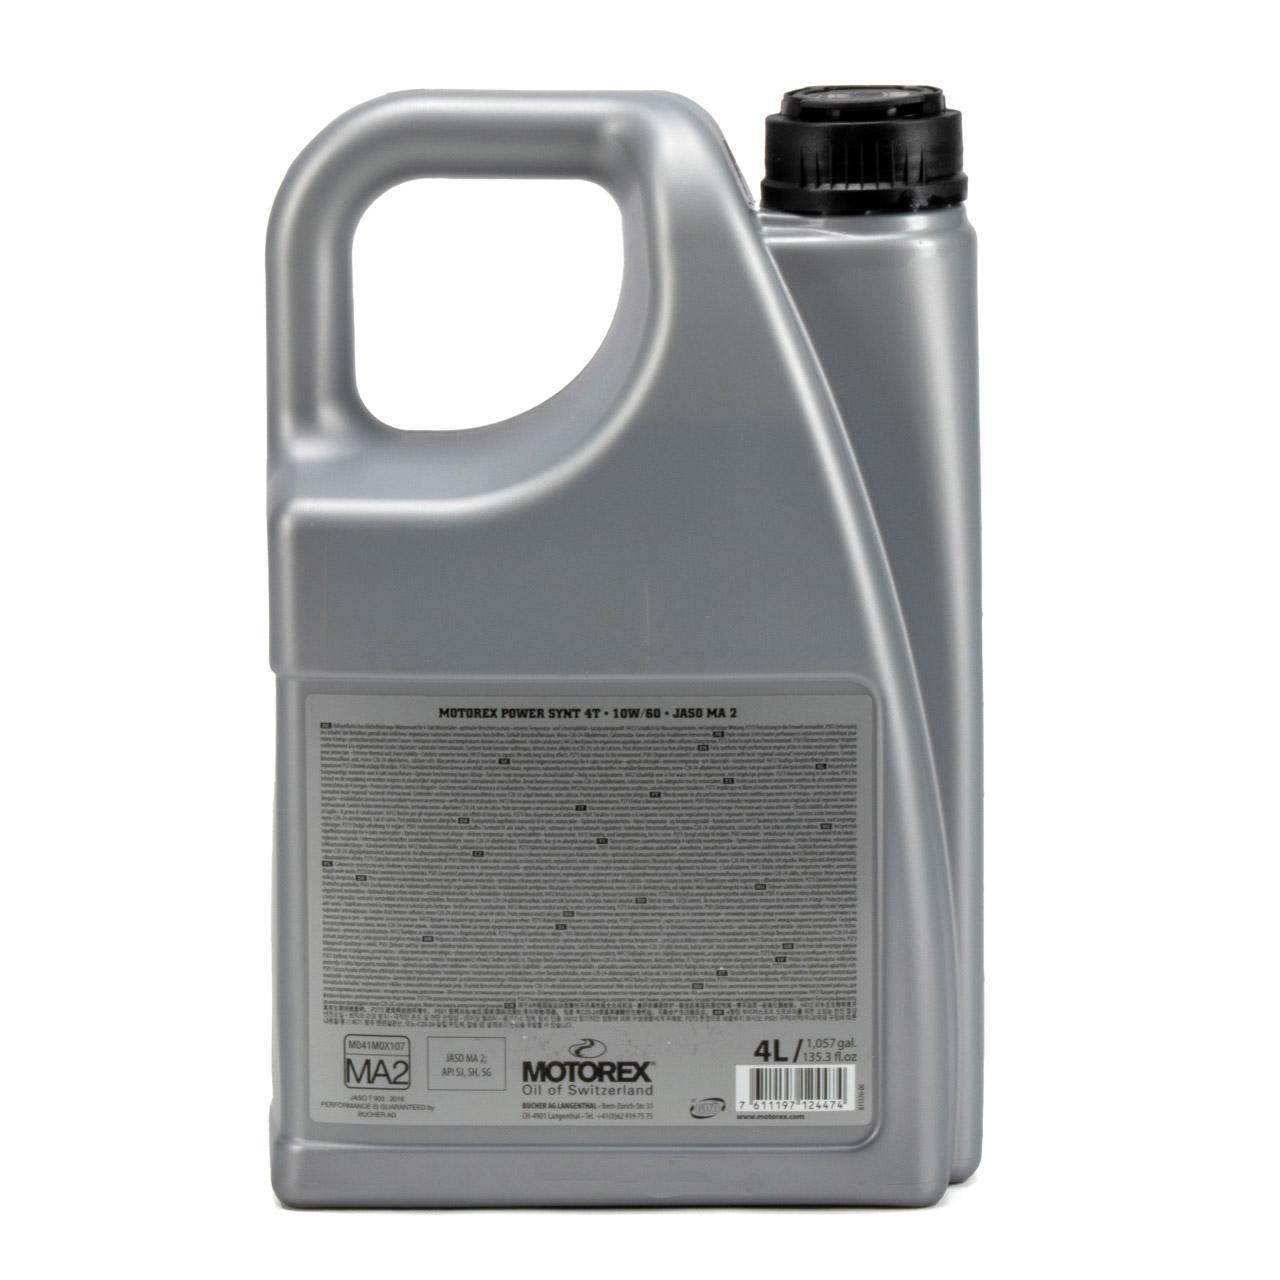 MOTOREX Power Synt 4T Motoröl Öl 10W60 JASO MA2 API SL/SH/SG - 4L 4 Liter